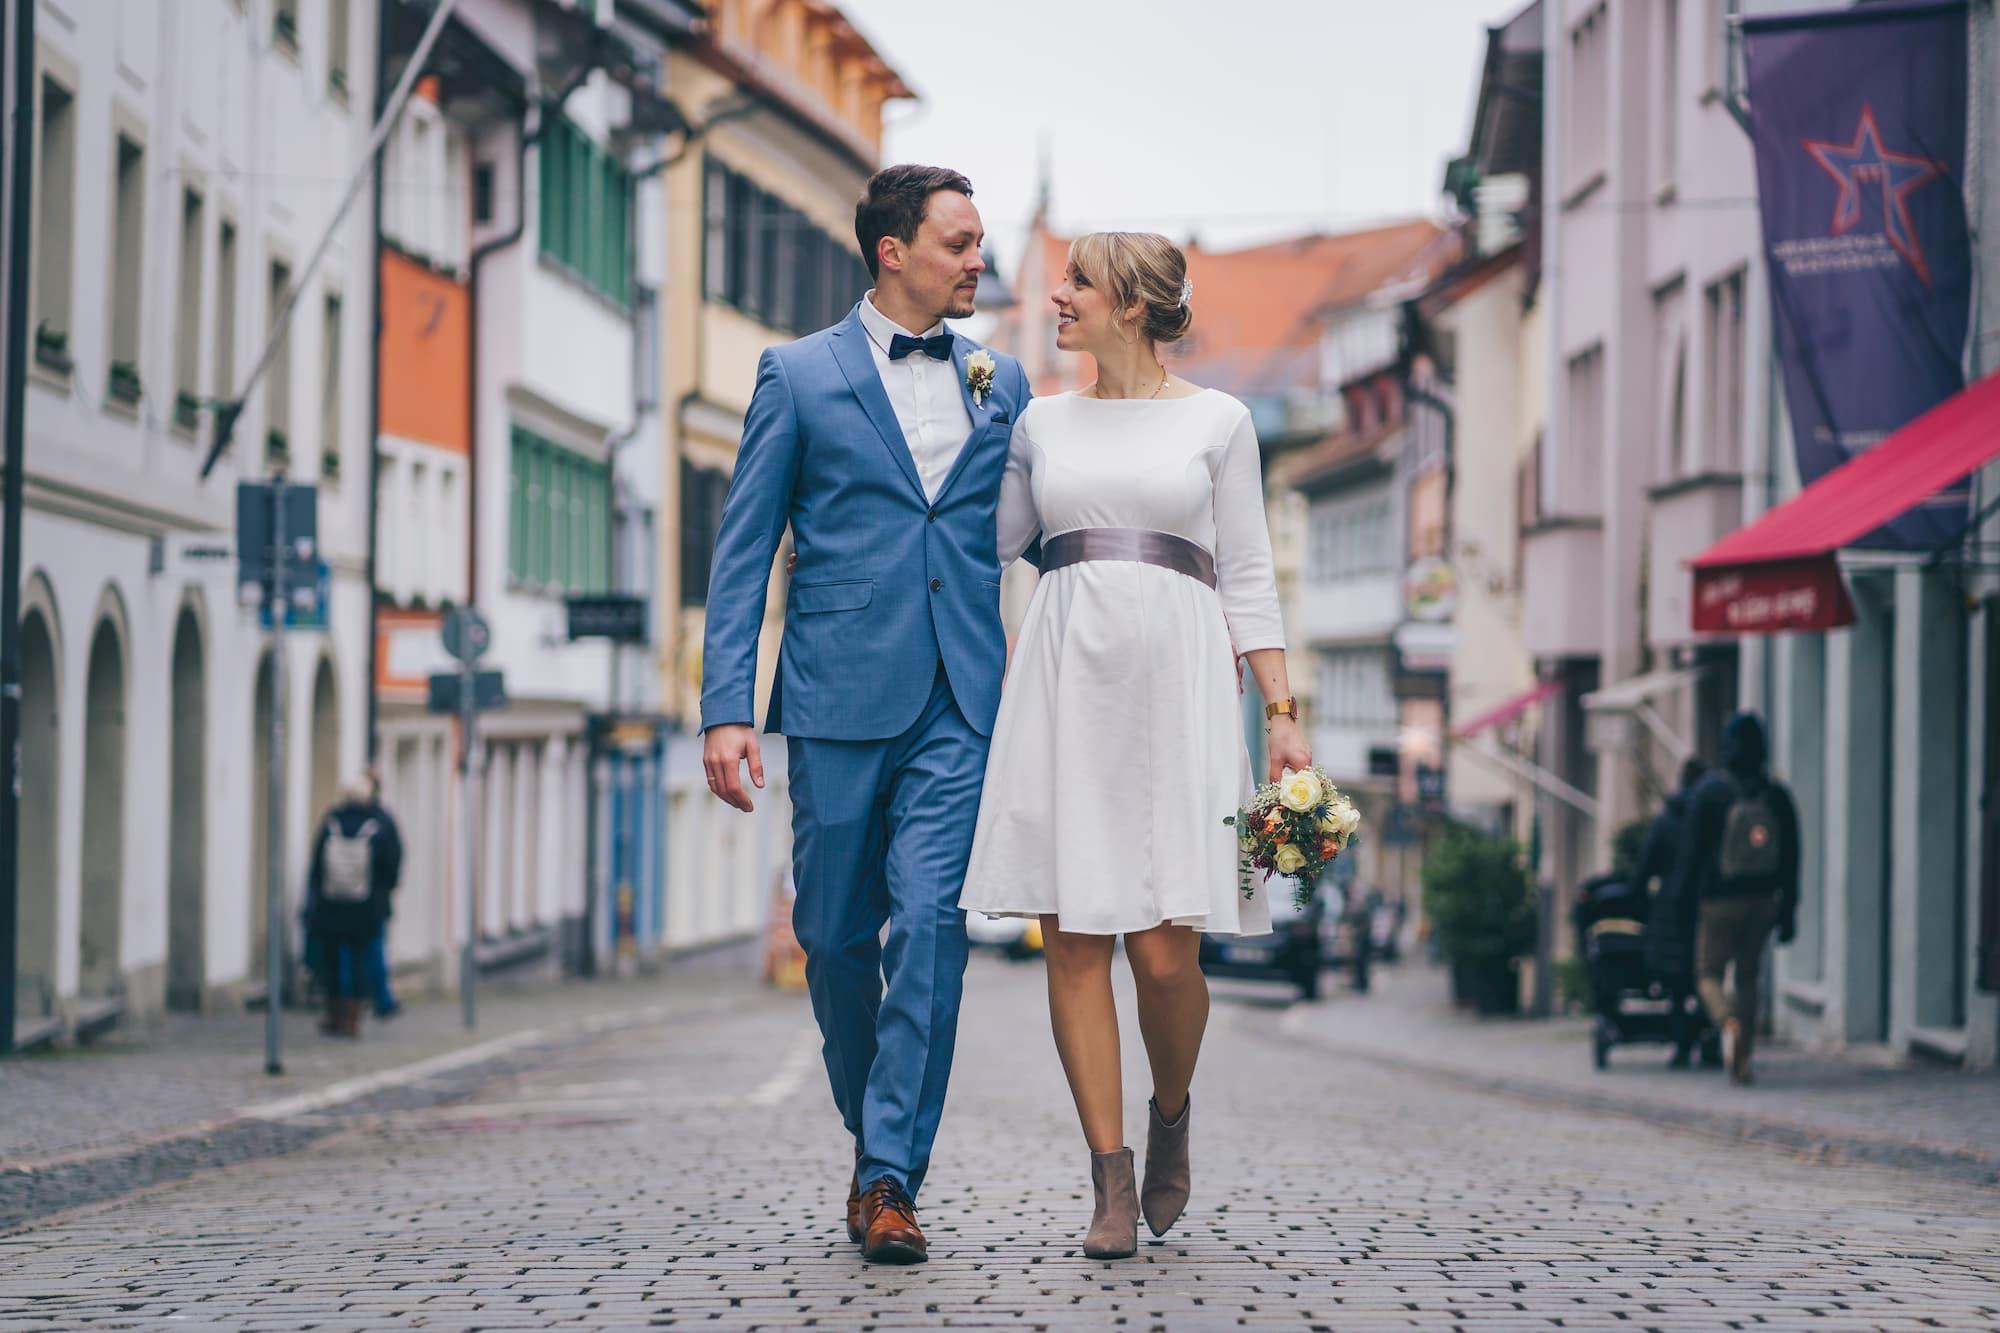 Hochzeitsfotograf-Ravensburg Hochzeitspaar